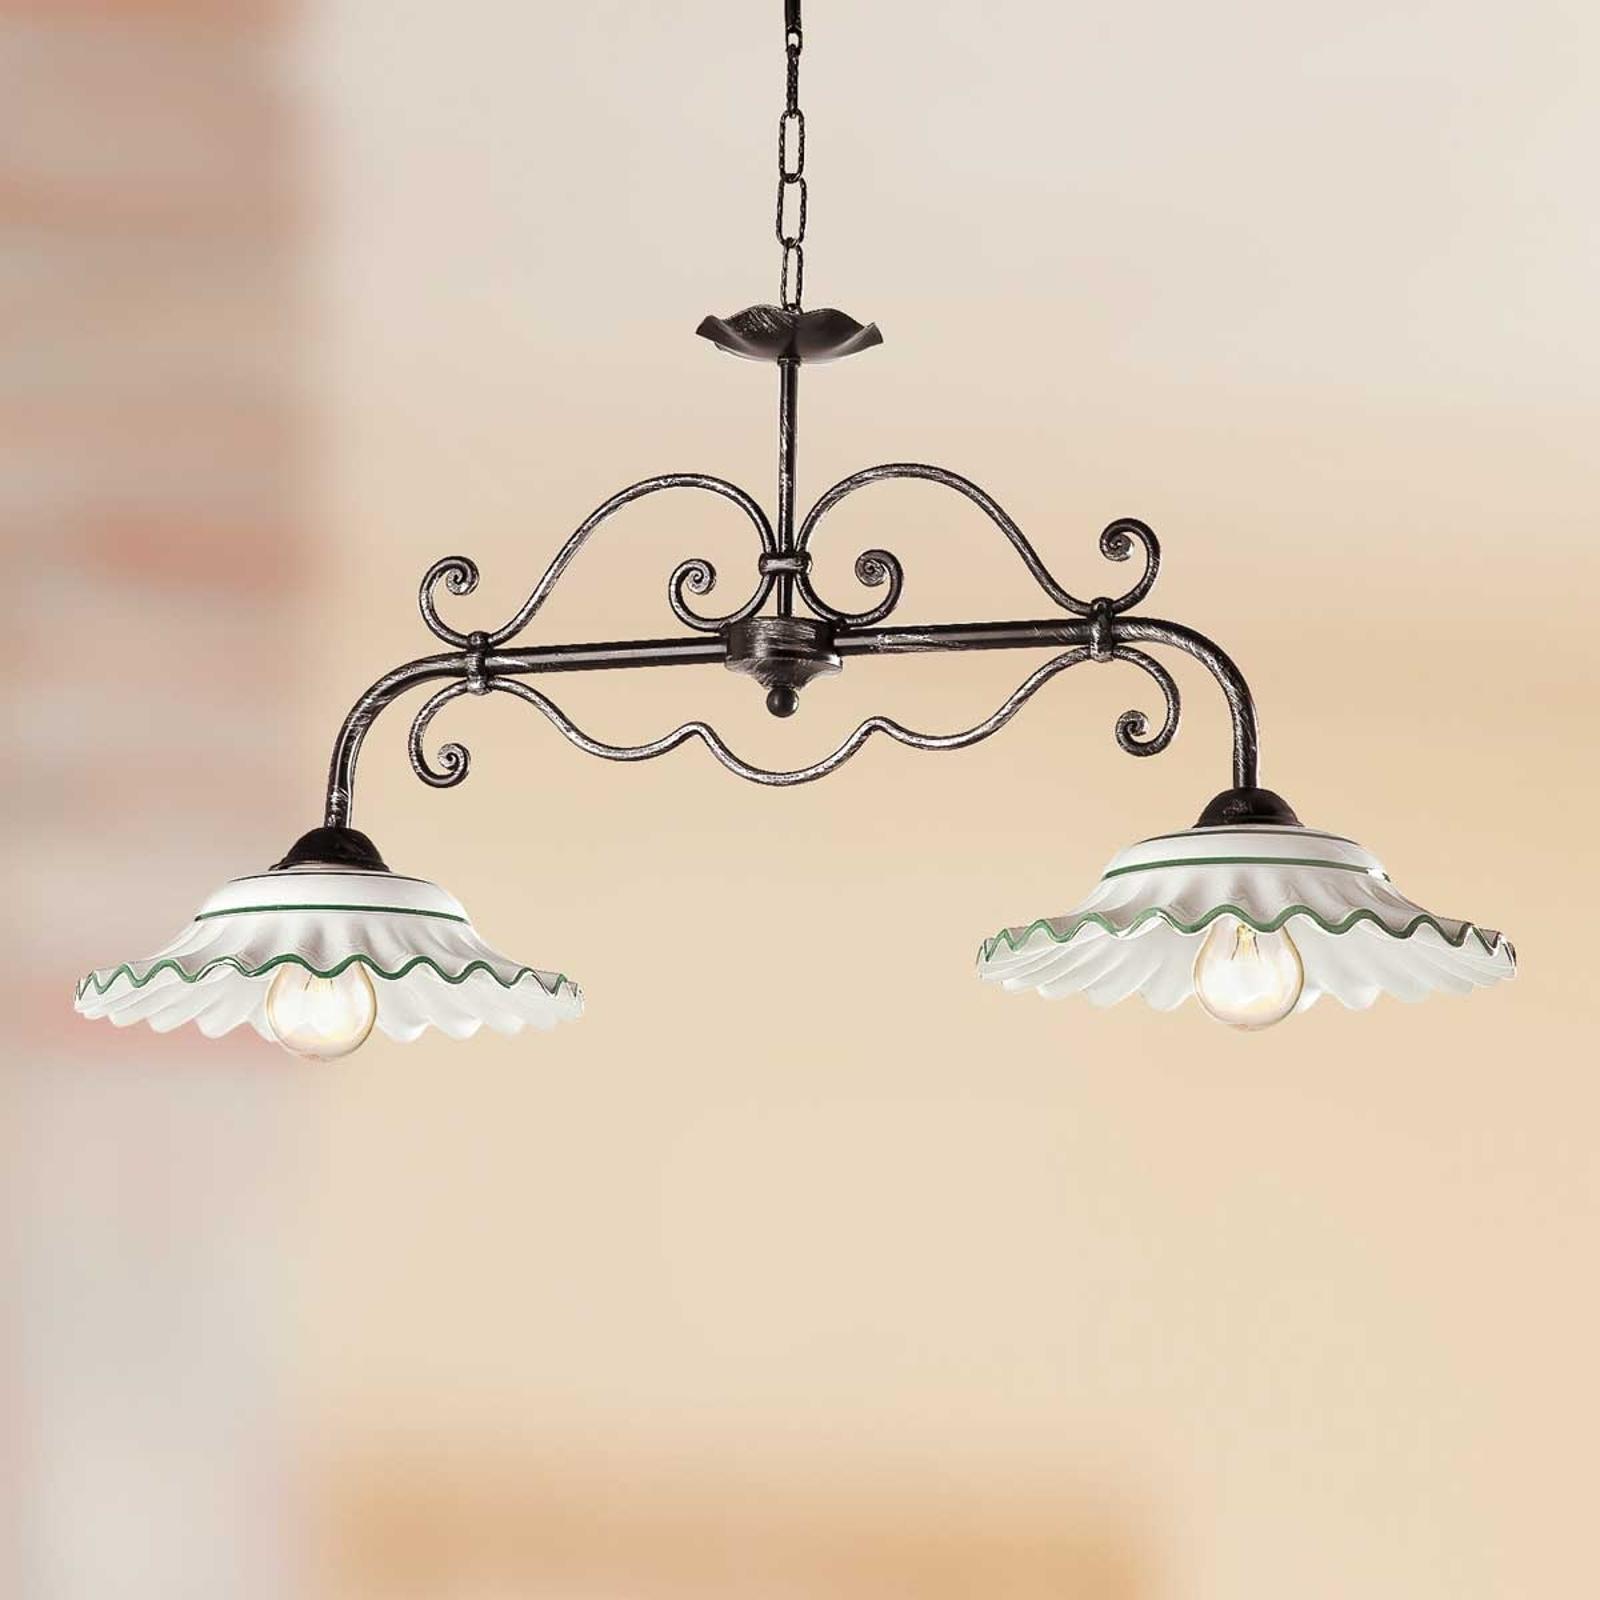 Fantasifuld hængelampe I BILIARDI, med 2 lyskilder